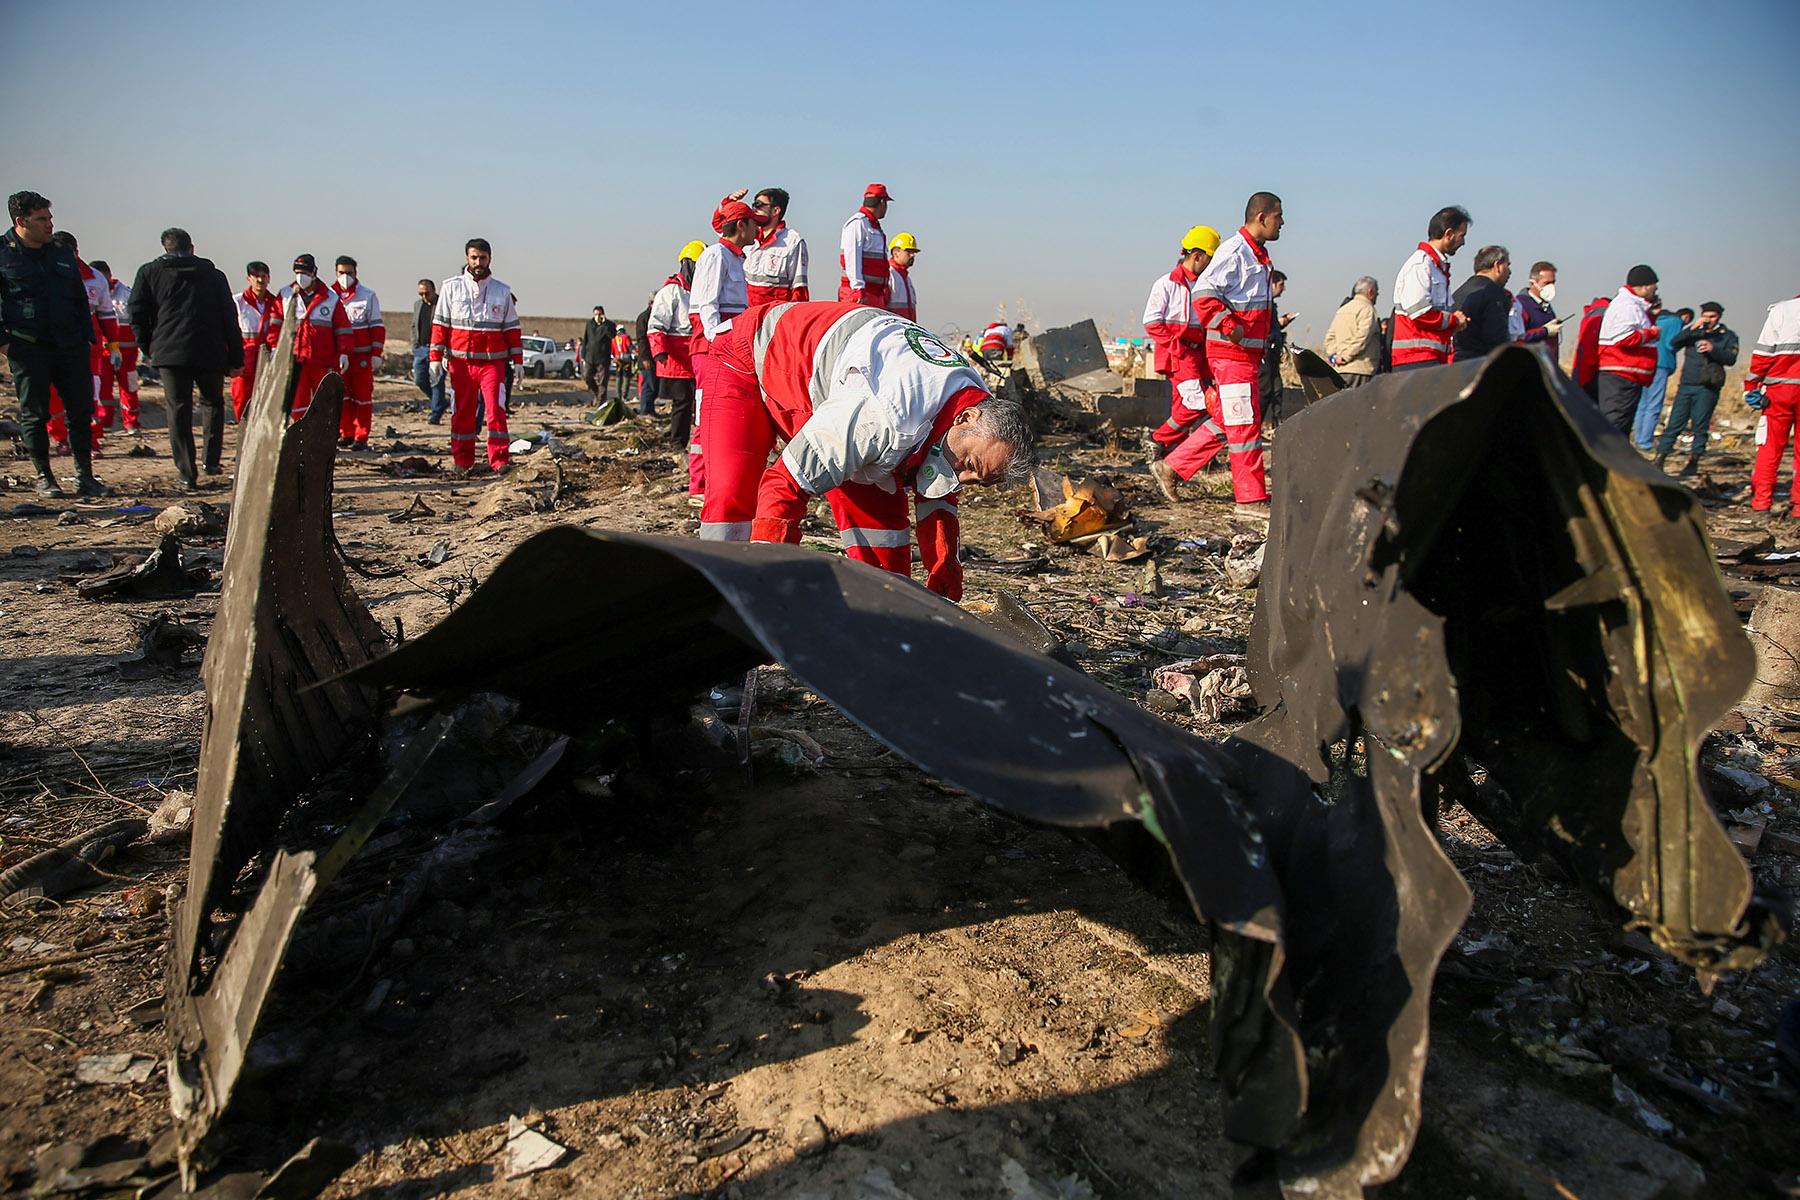 السلطات الأوكرانية تدرس فرضيات عدة بشأن حادث سقوط طائرتها في إيران